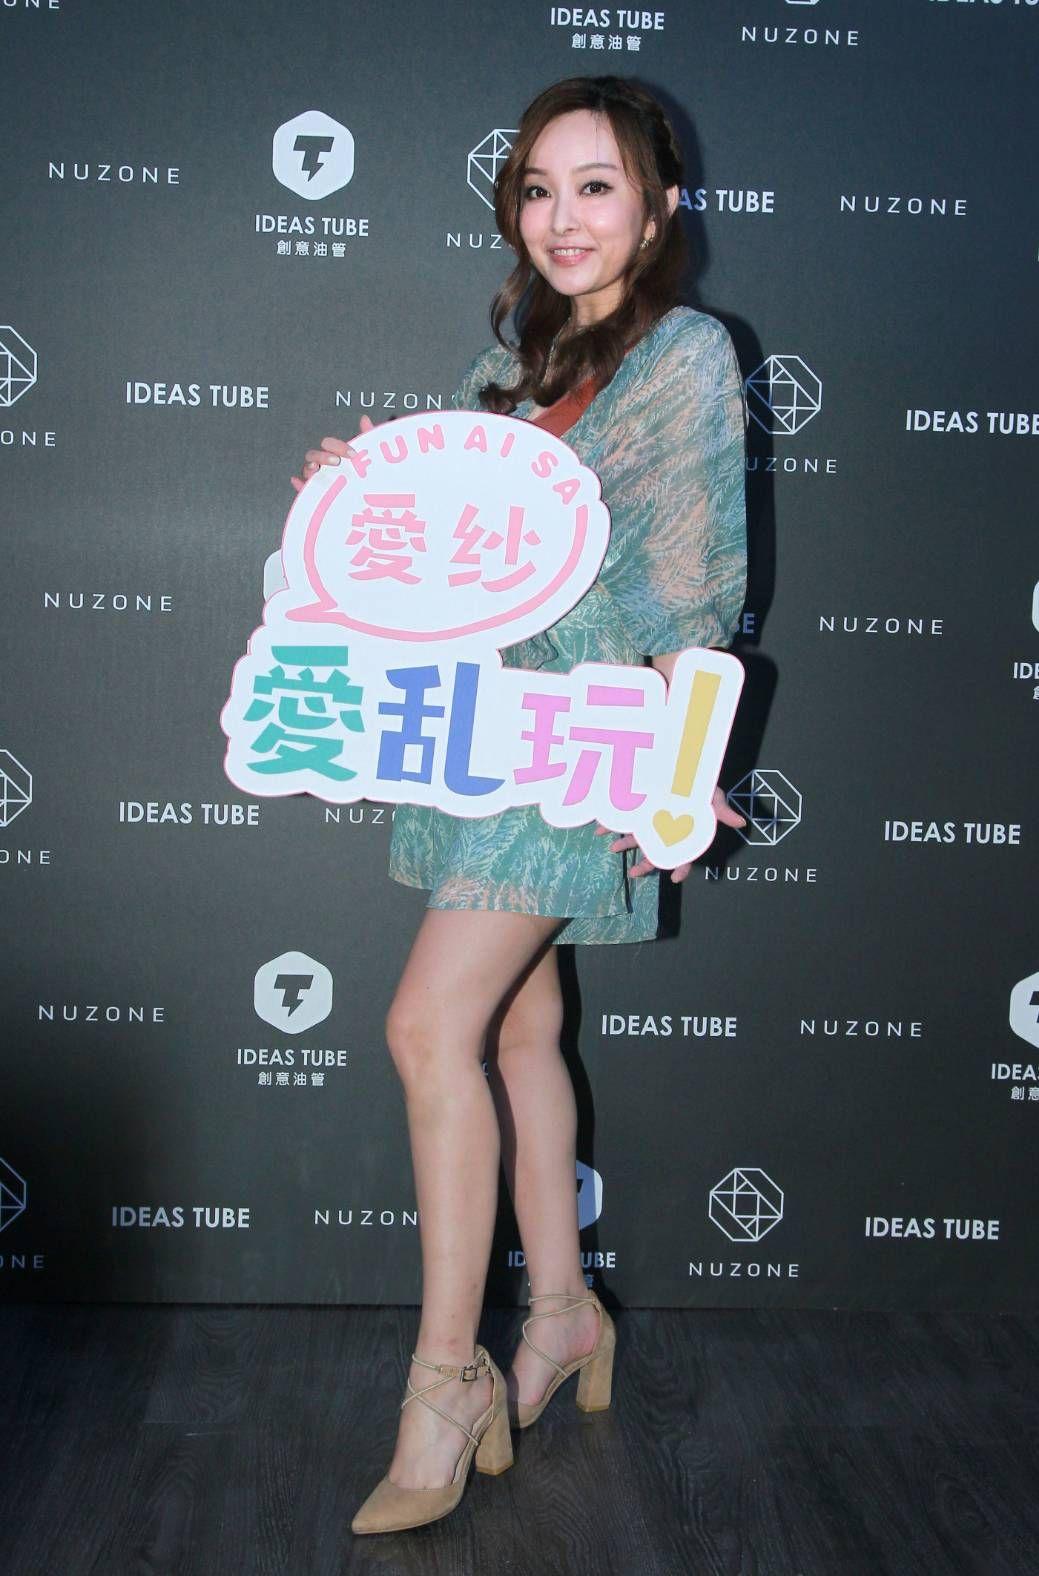 愛紗推出全新網路節目《愛紗愛亂玩》 圖/記者邱榮吉攝影